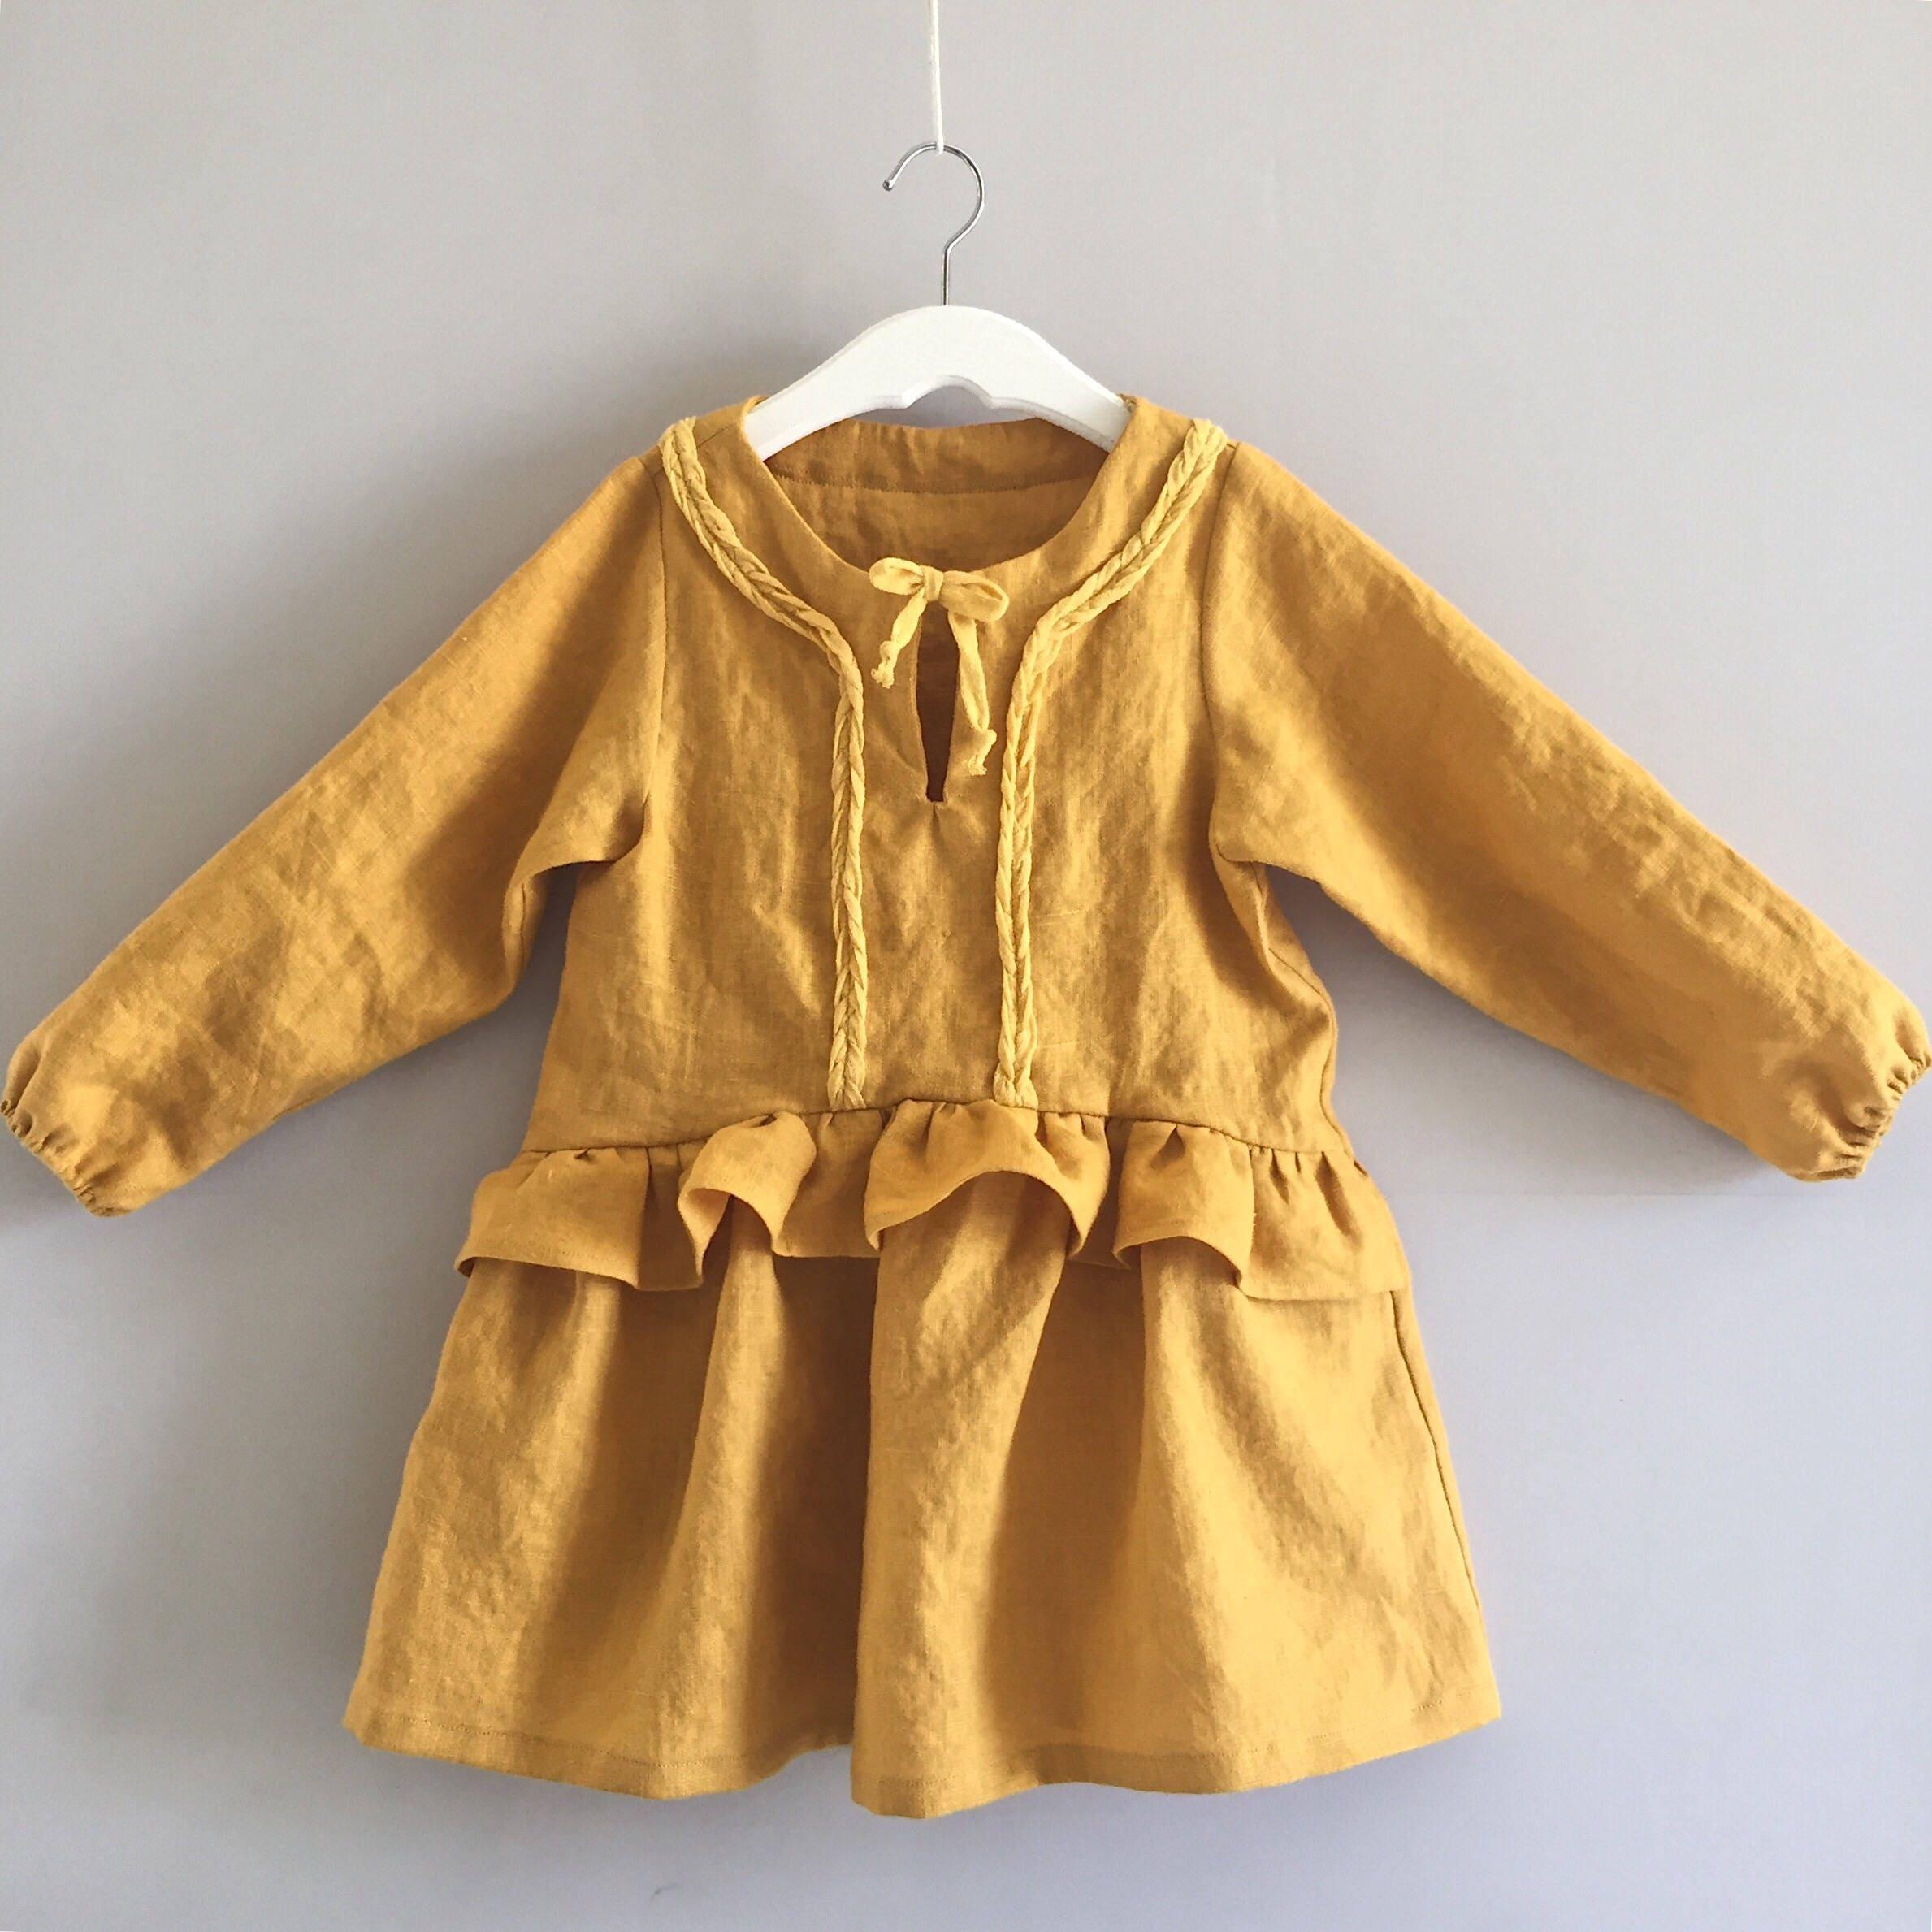 Long Sleeve Frill Dress Mustard Linen Dress Girls Gingham Dress